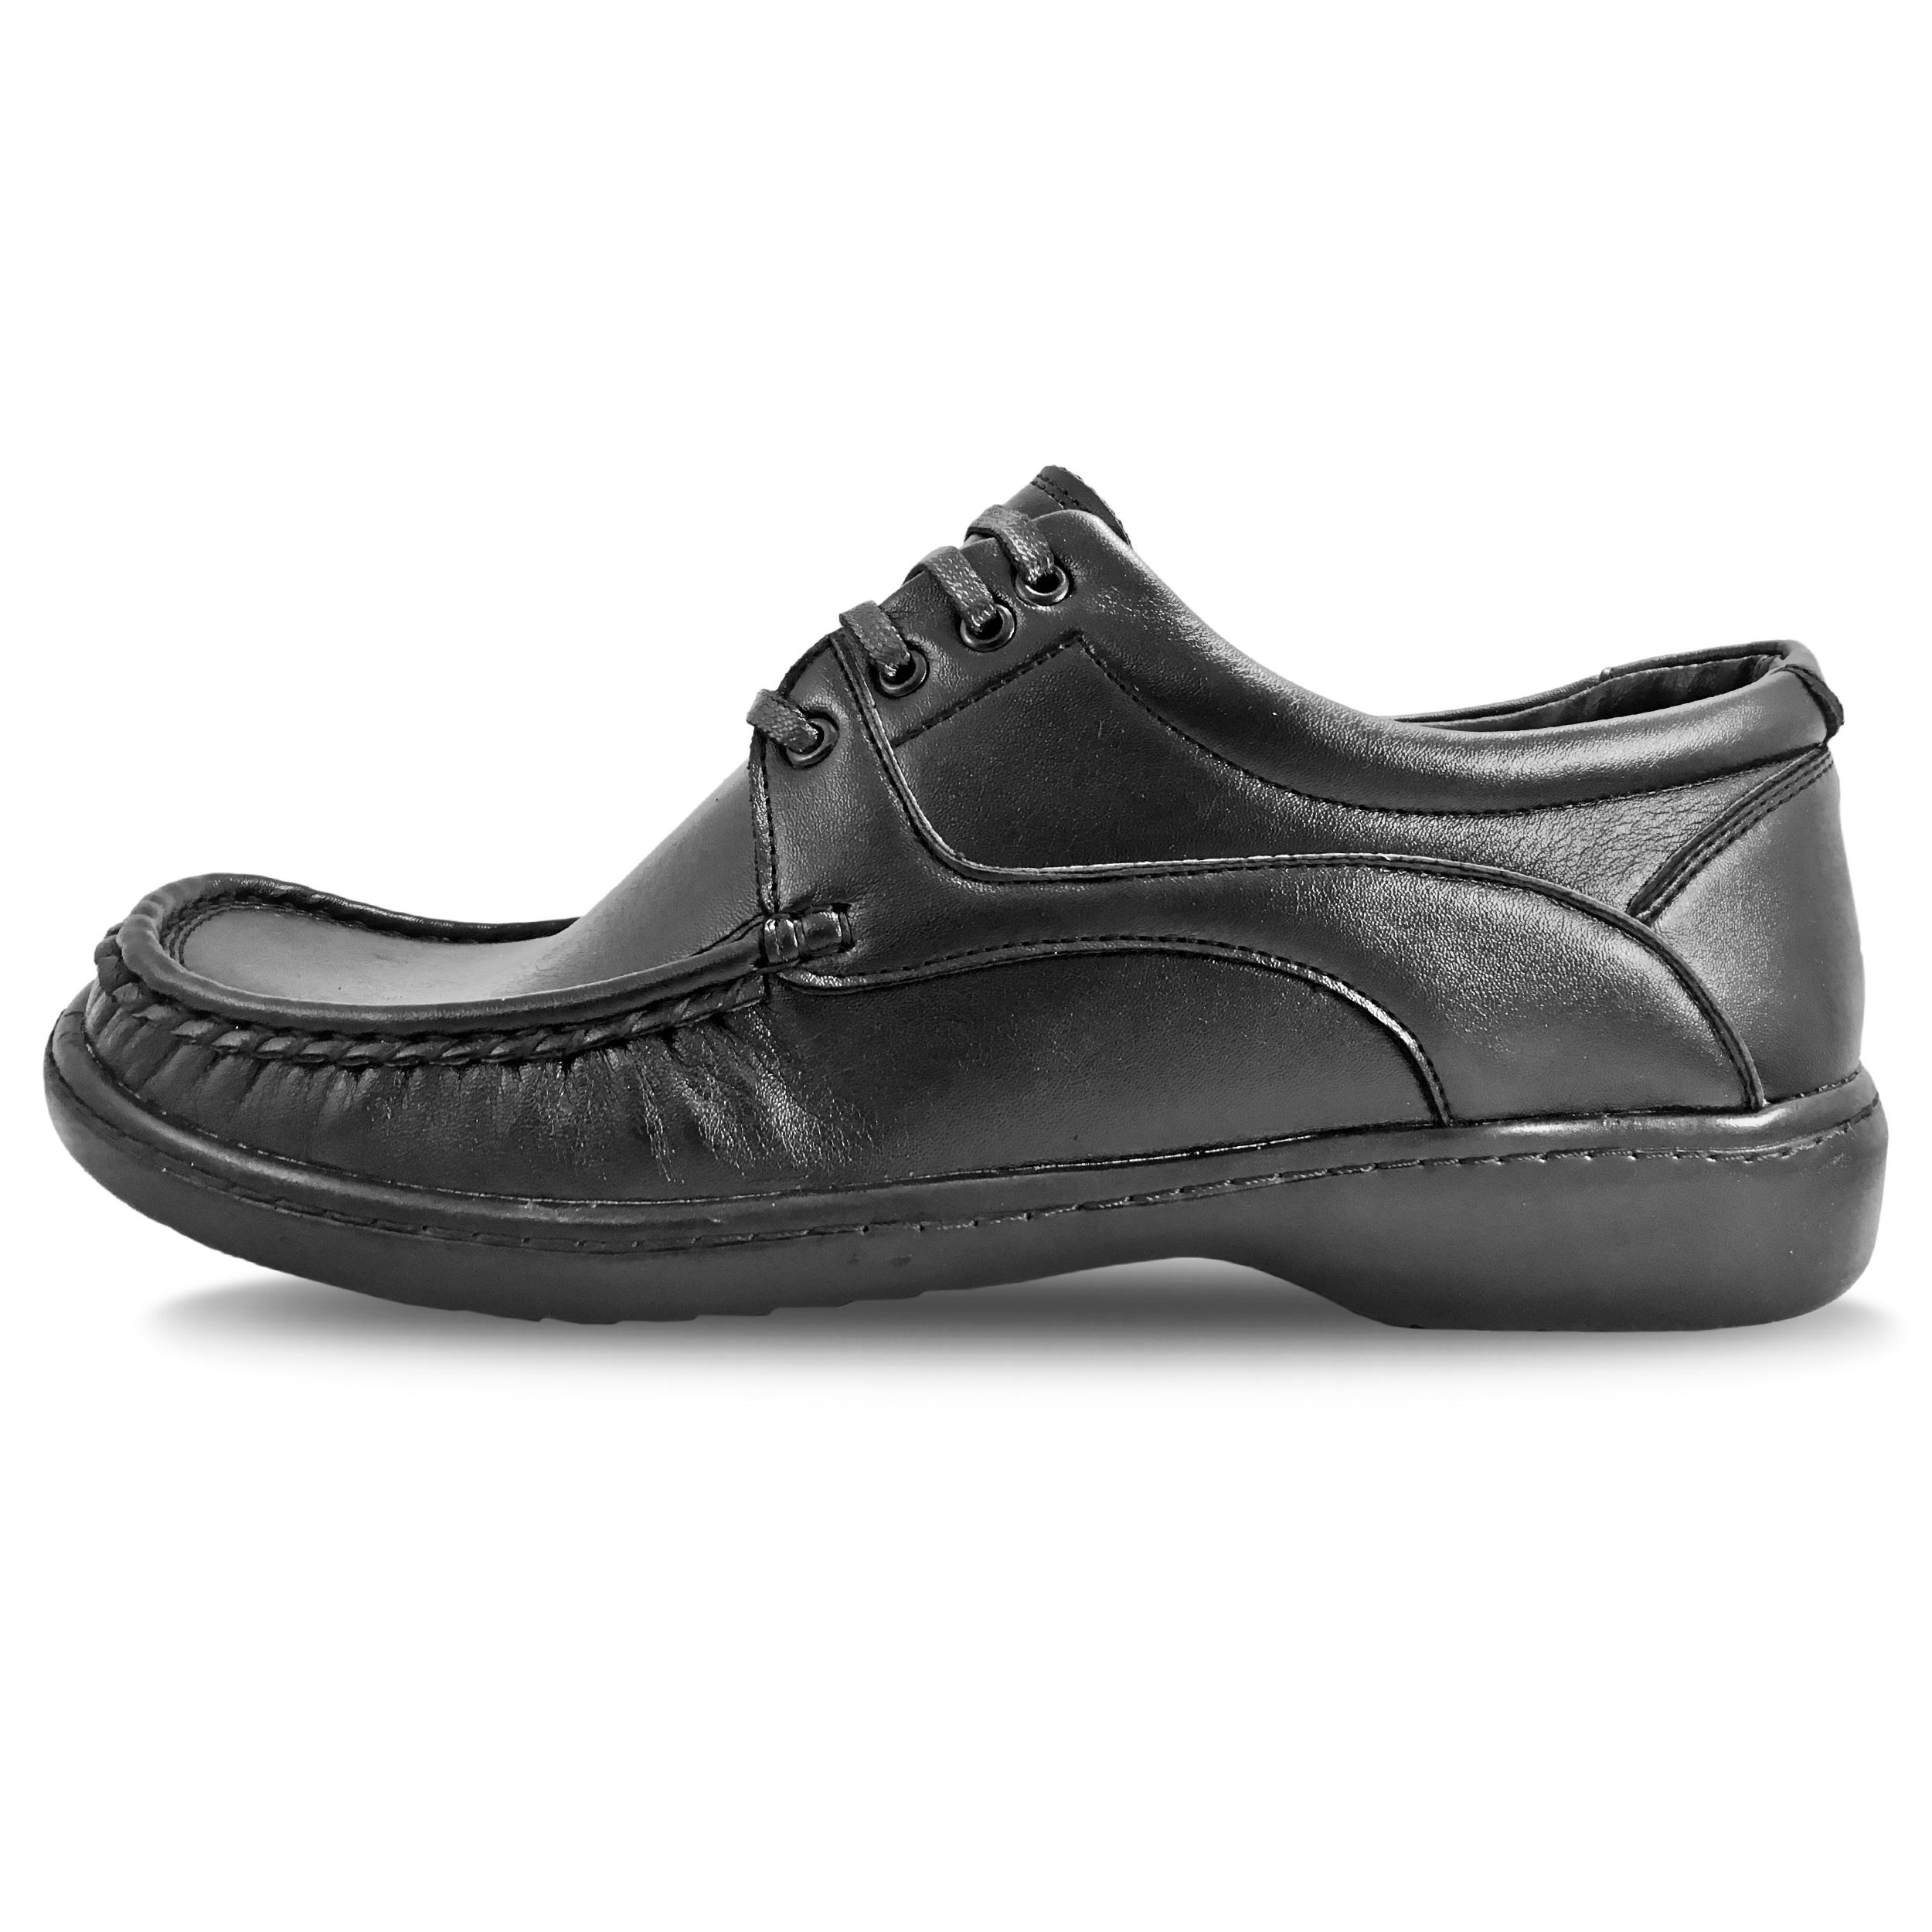 عکس کفش مردانه مدل استار کد B5007